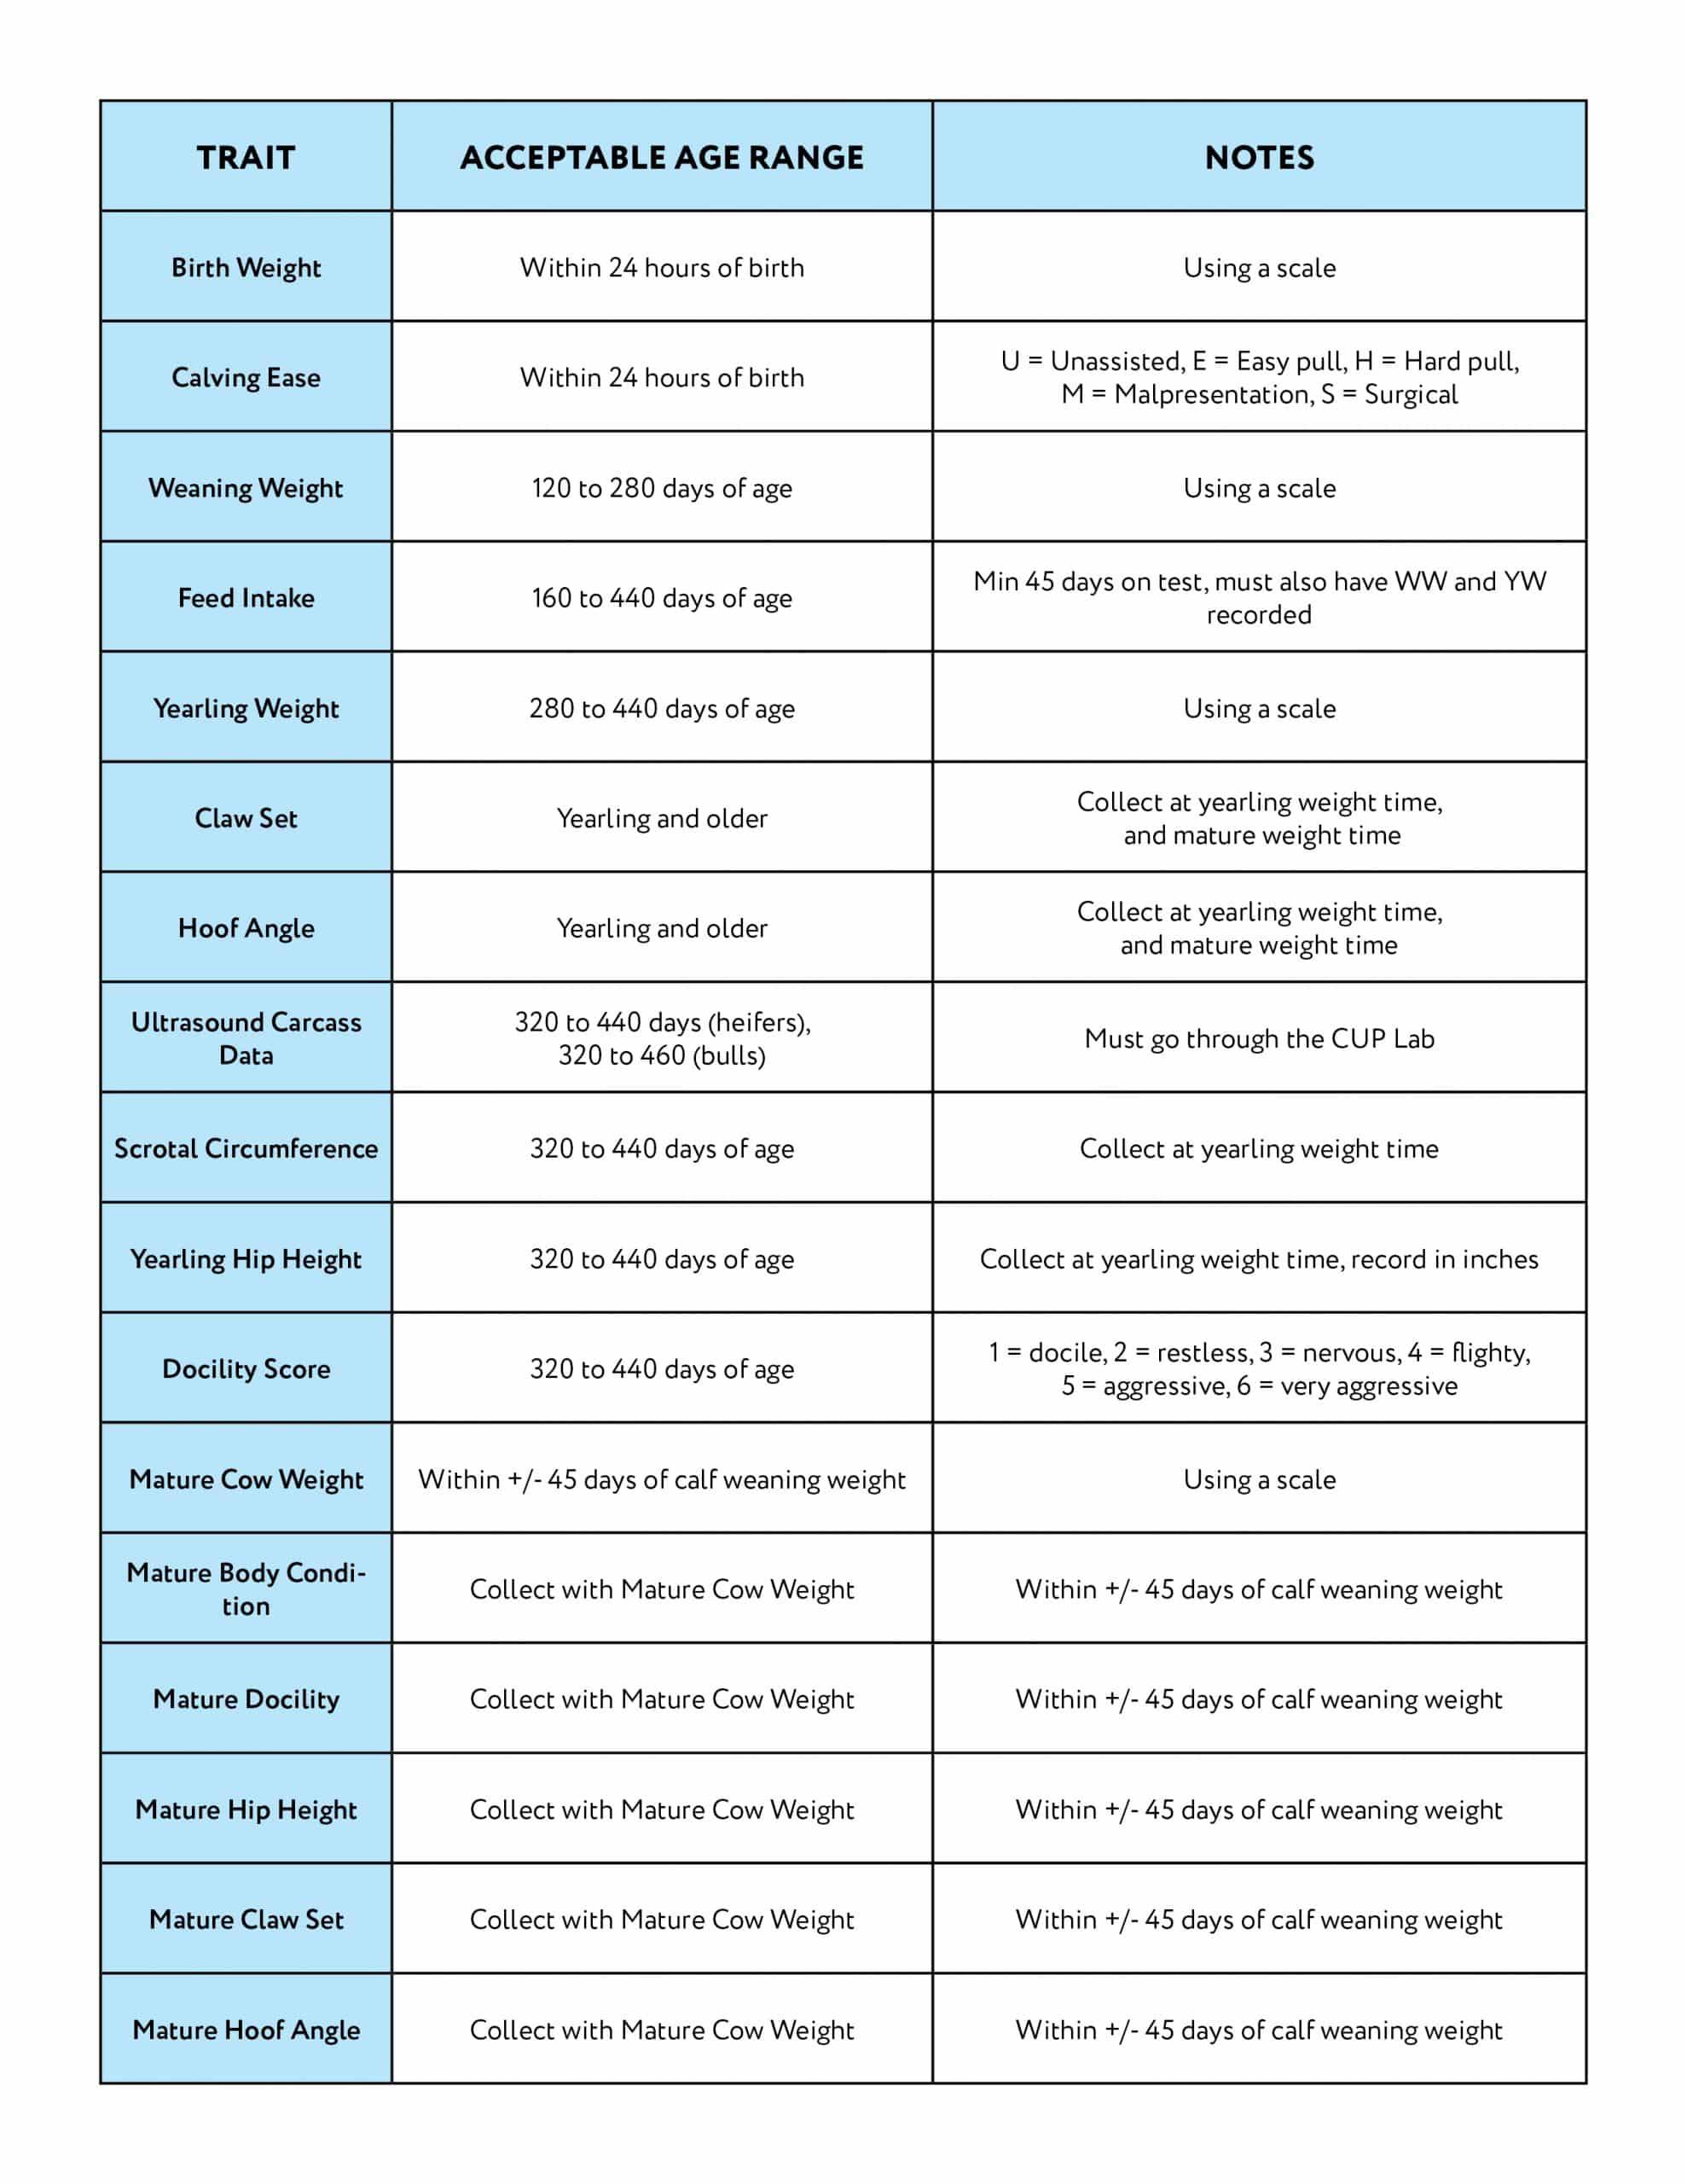 Performance Trait Acceptable Age Ranges & Notes